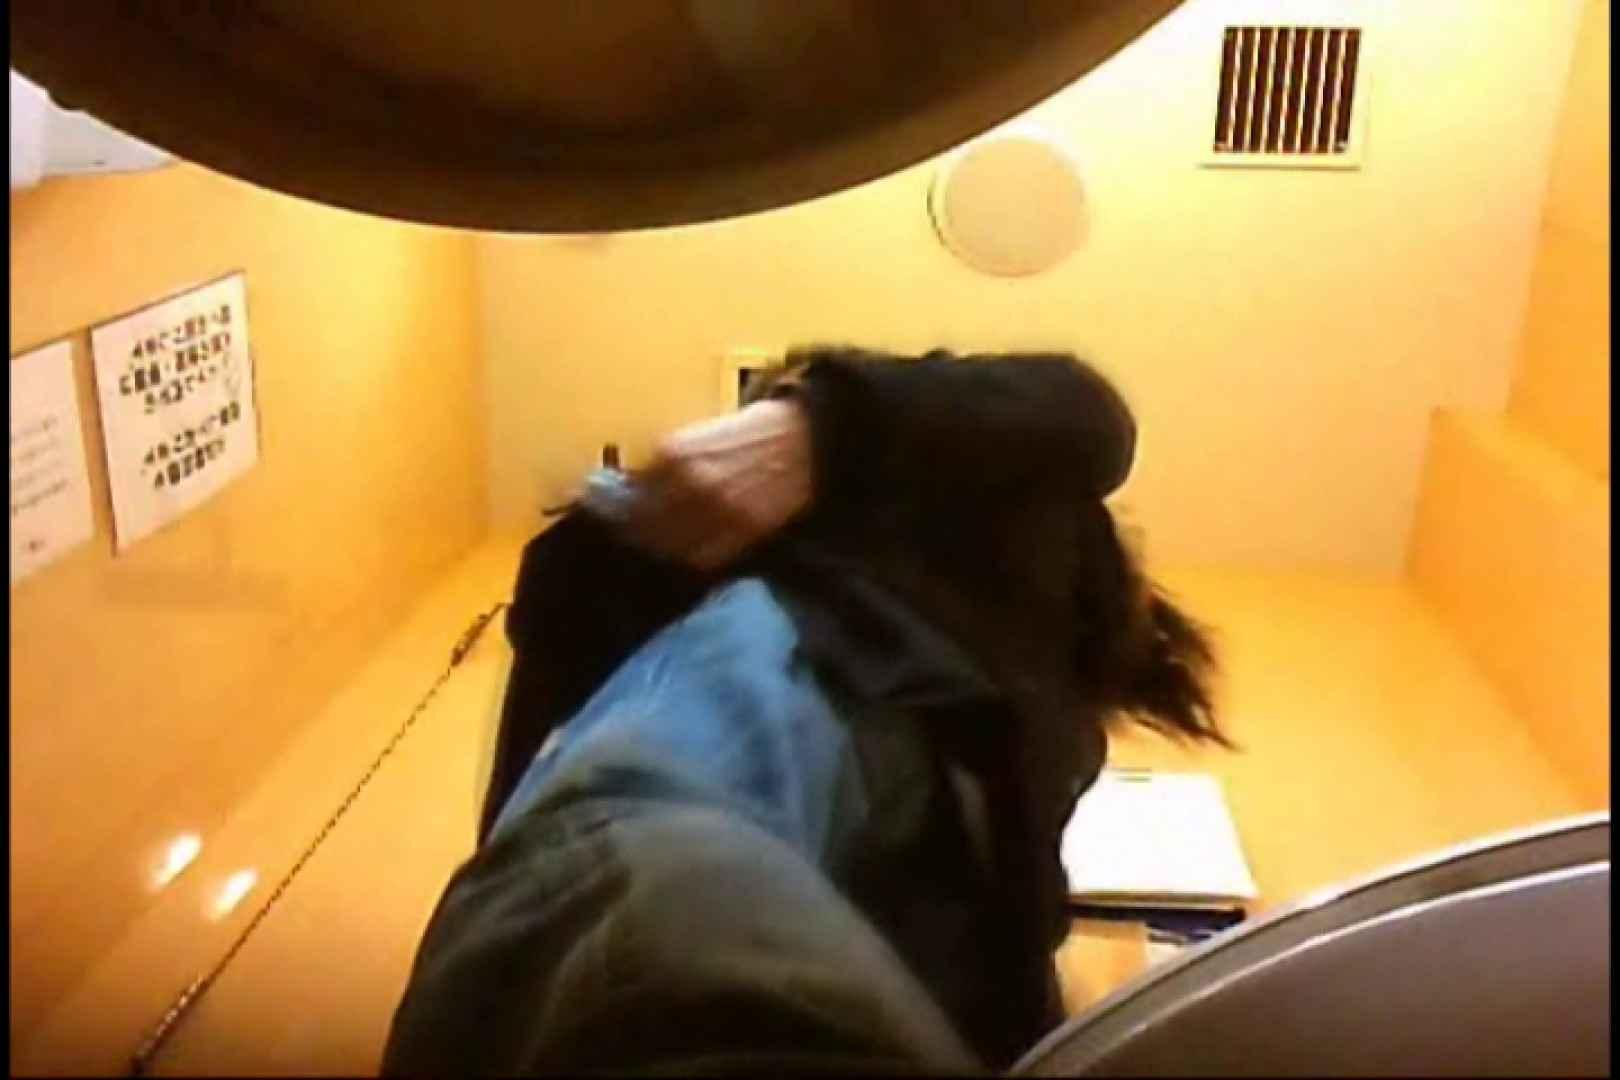 マダムが集まるデパートお手洗い Vol.26 お手洗い AV無料動画キャプチャ 103pic 41